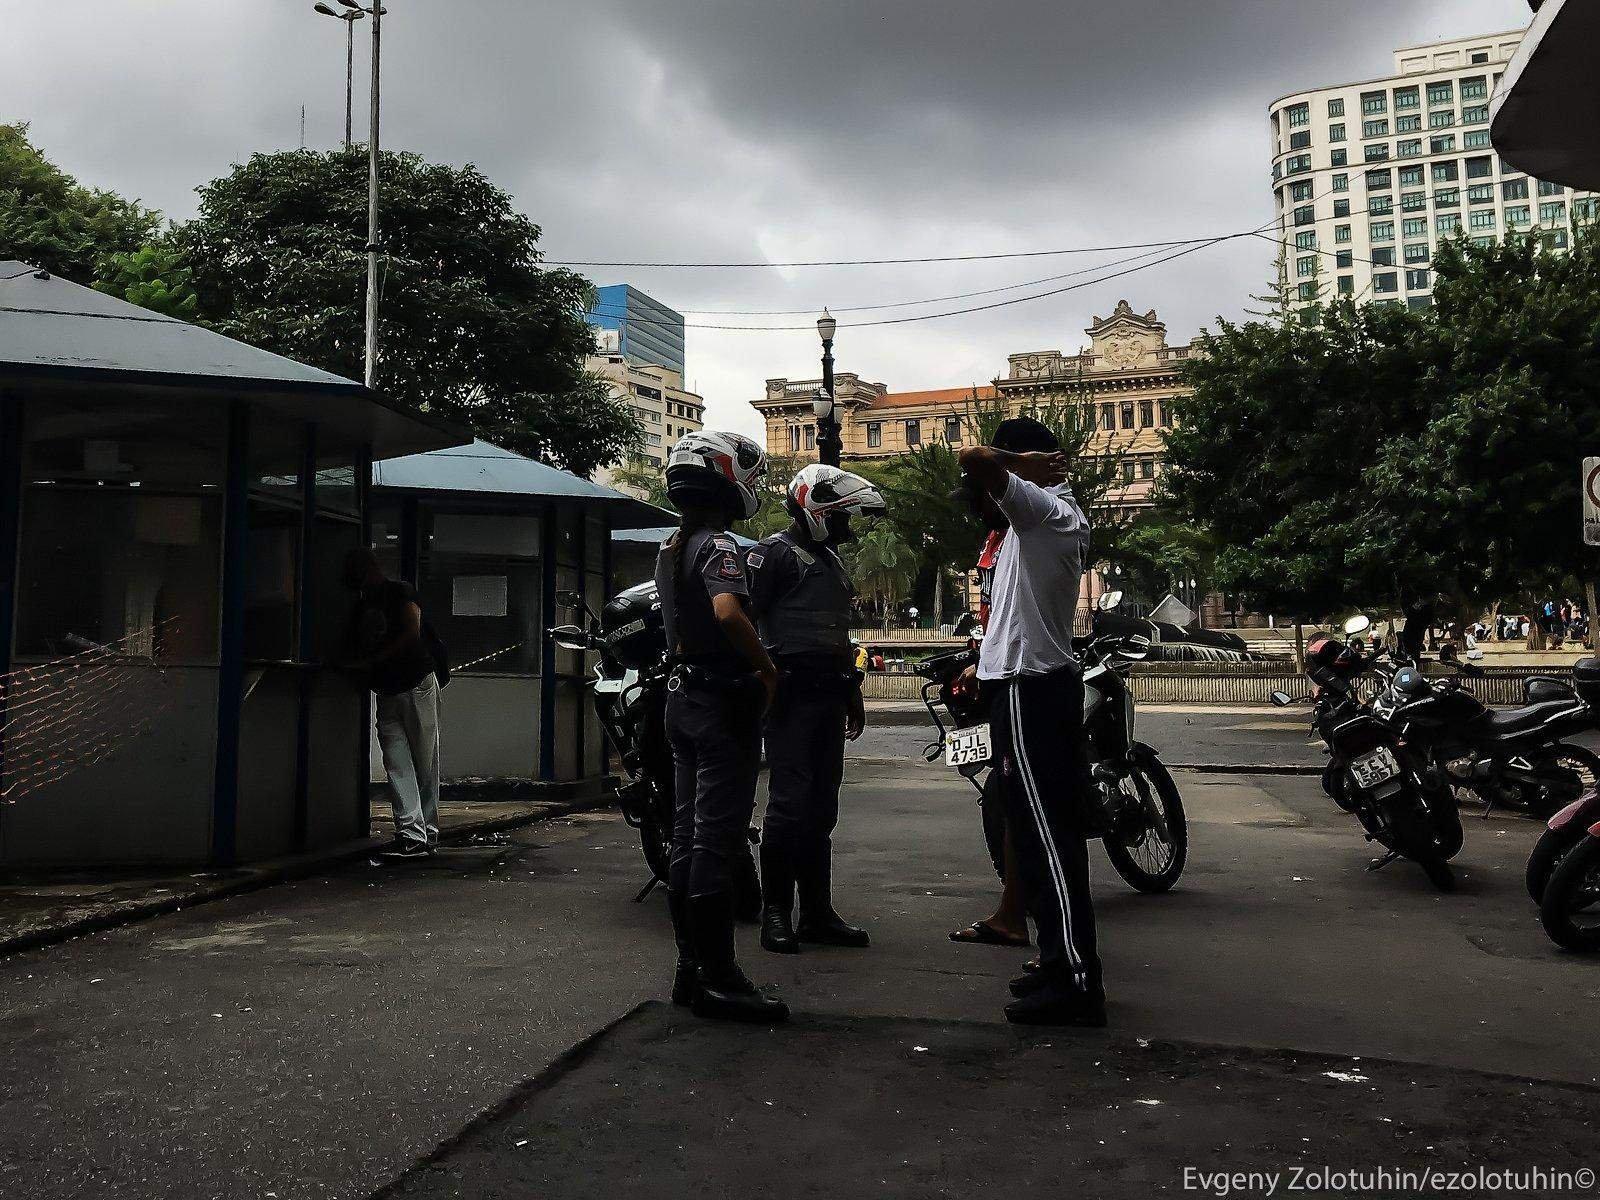 Полиция Бразилии приняла меня за сообщника наркоторговцев